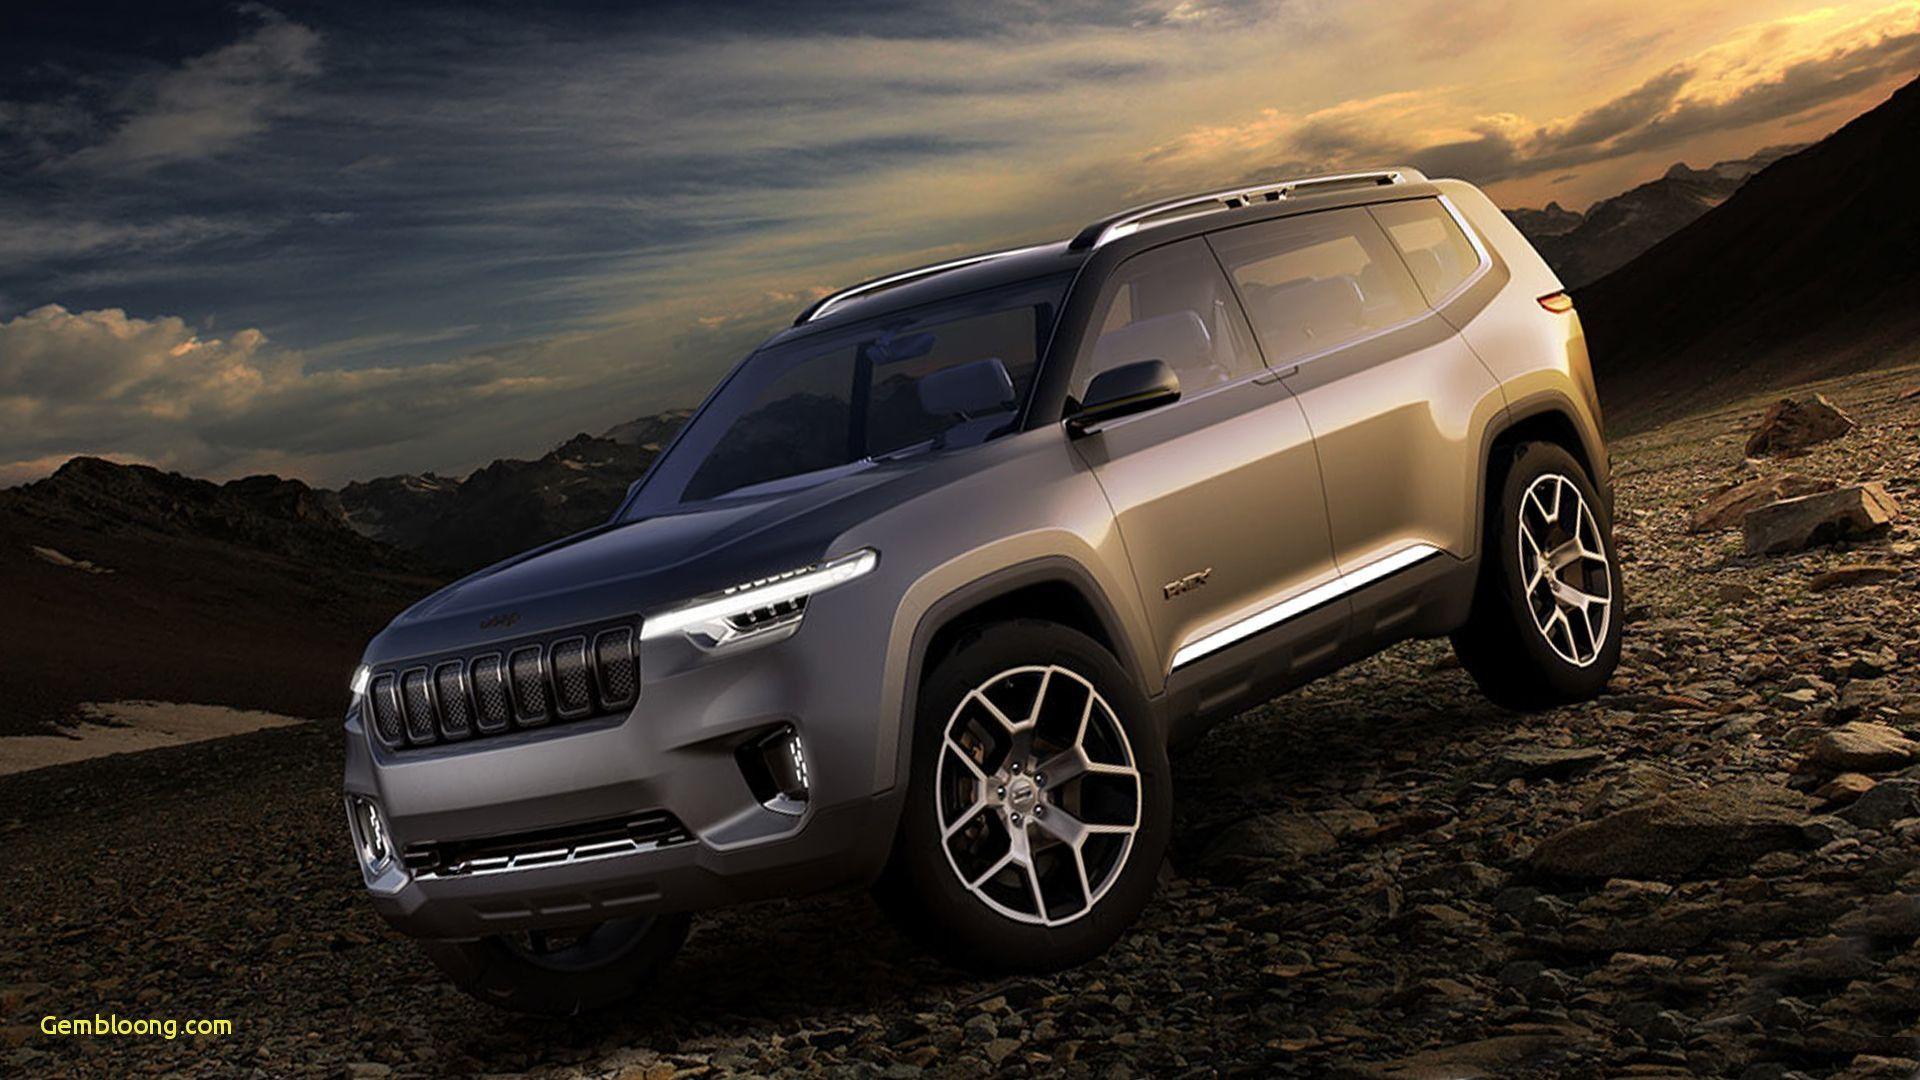 New 2020 Jeep Trail Hawk Spy Shoot Jeep Wagoneer Jeep Models